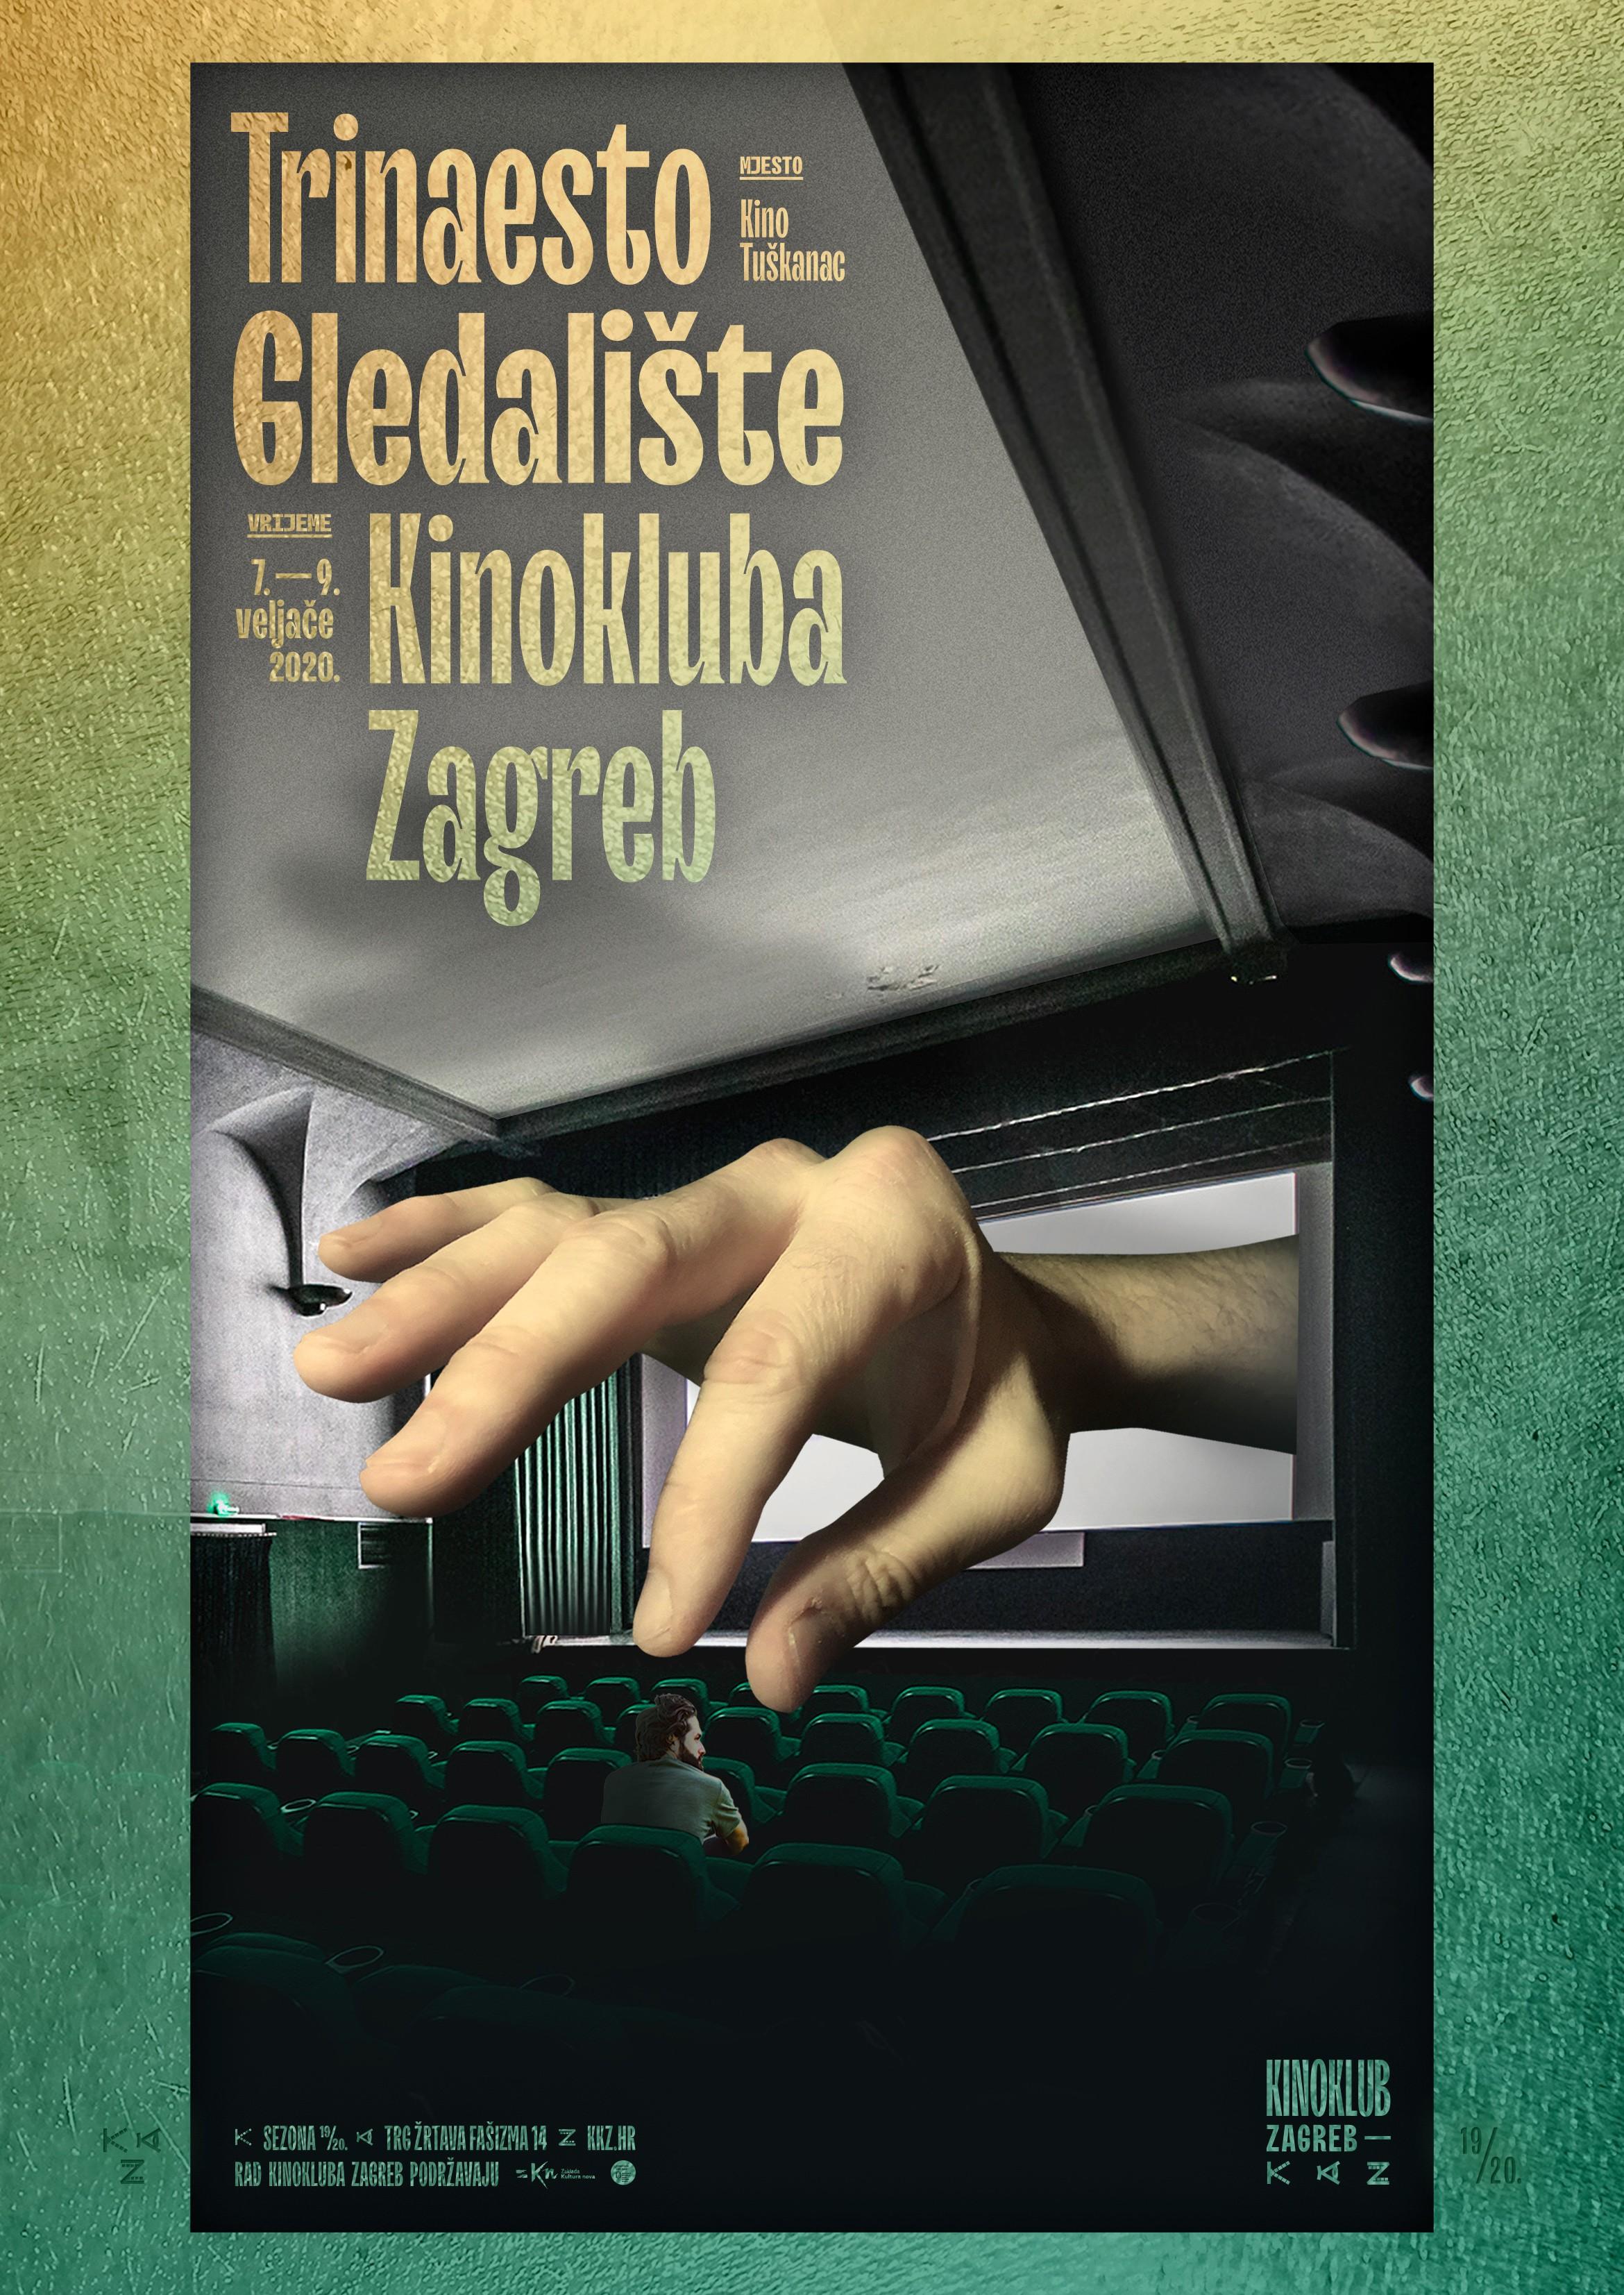 Svi filmovi Kinokluba Zagreb na 13. Gledalištu